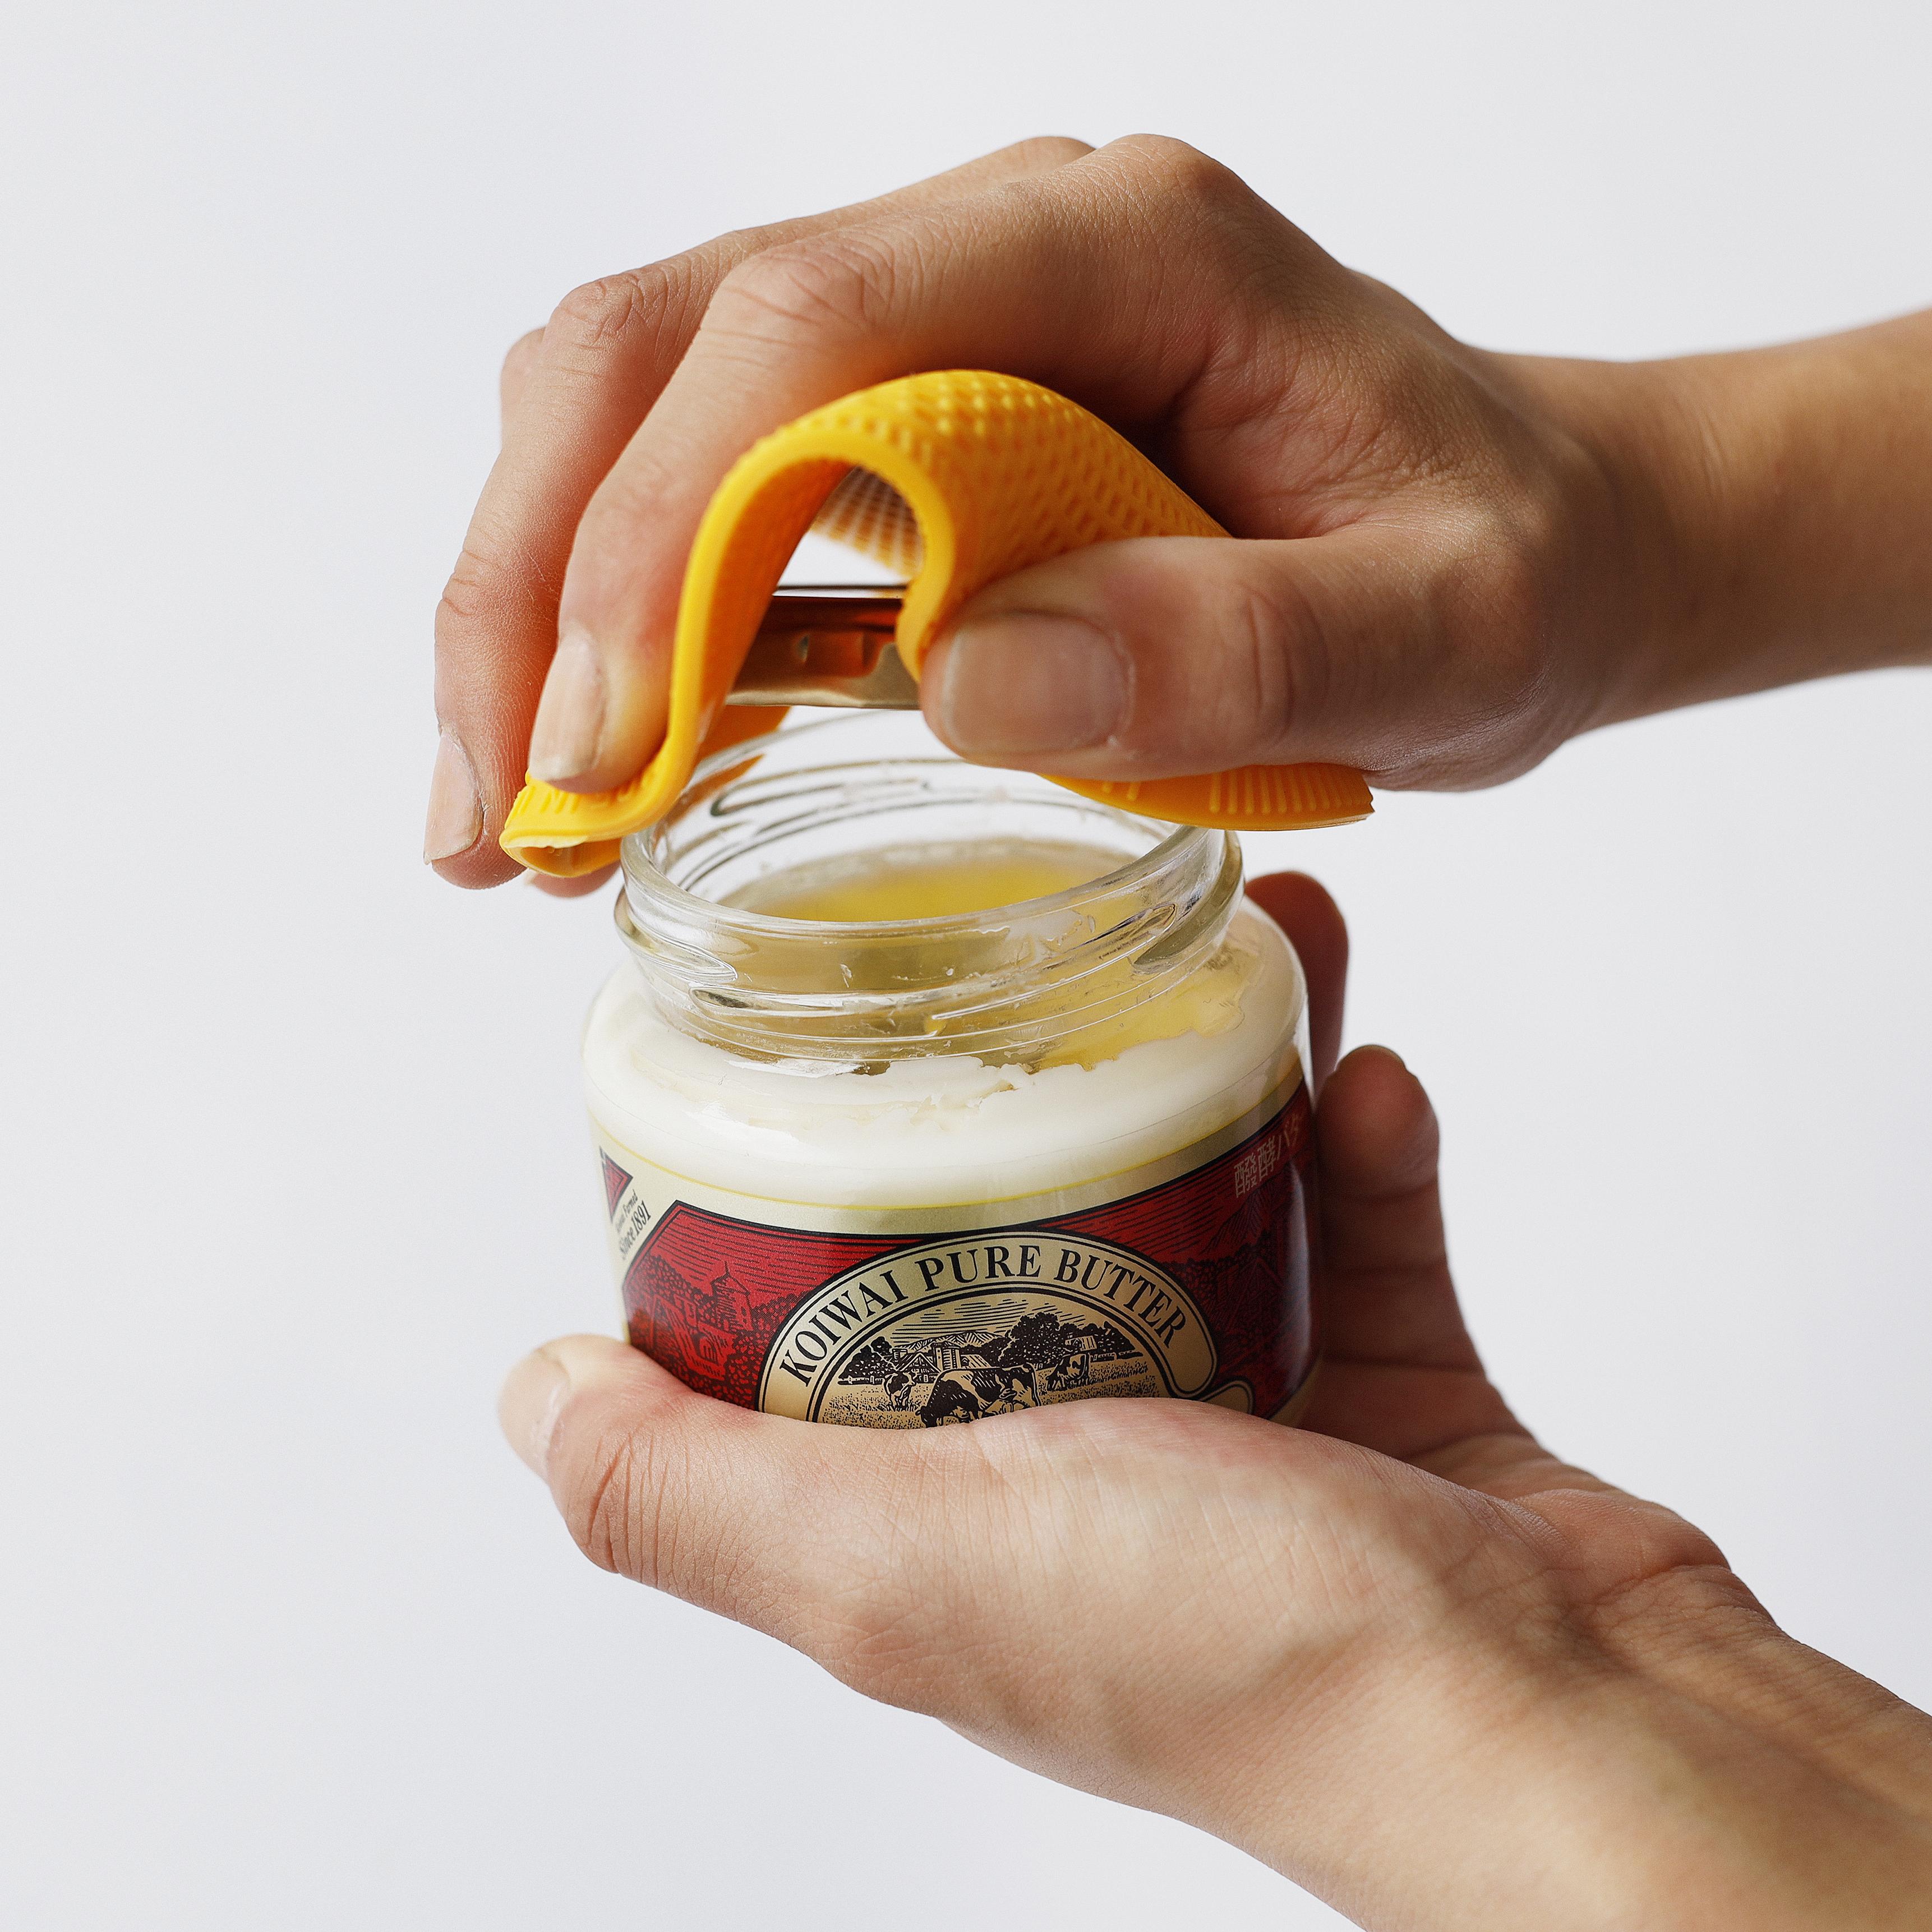 開かない瓶のフタの解決策。アメリカの家庭で人気のオープナー、ハンディエイドを使えば解消